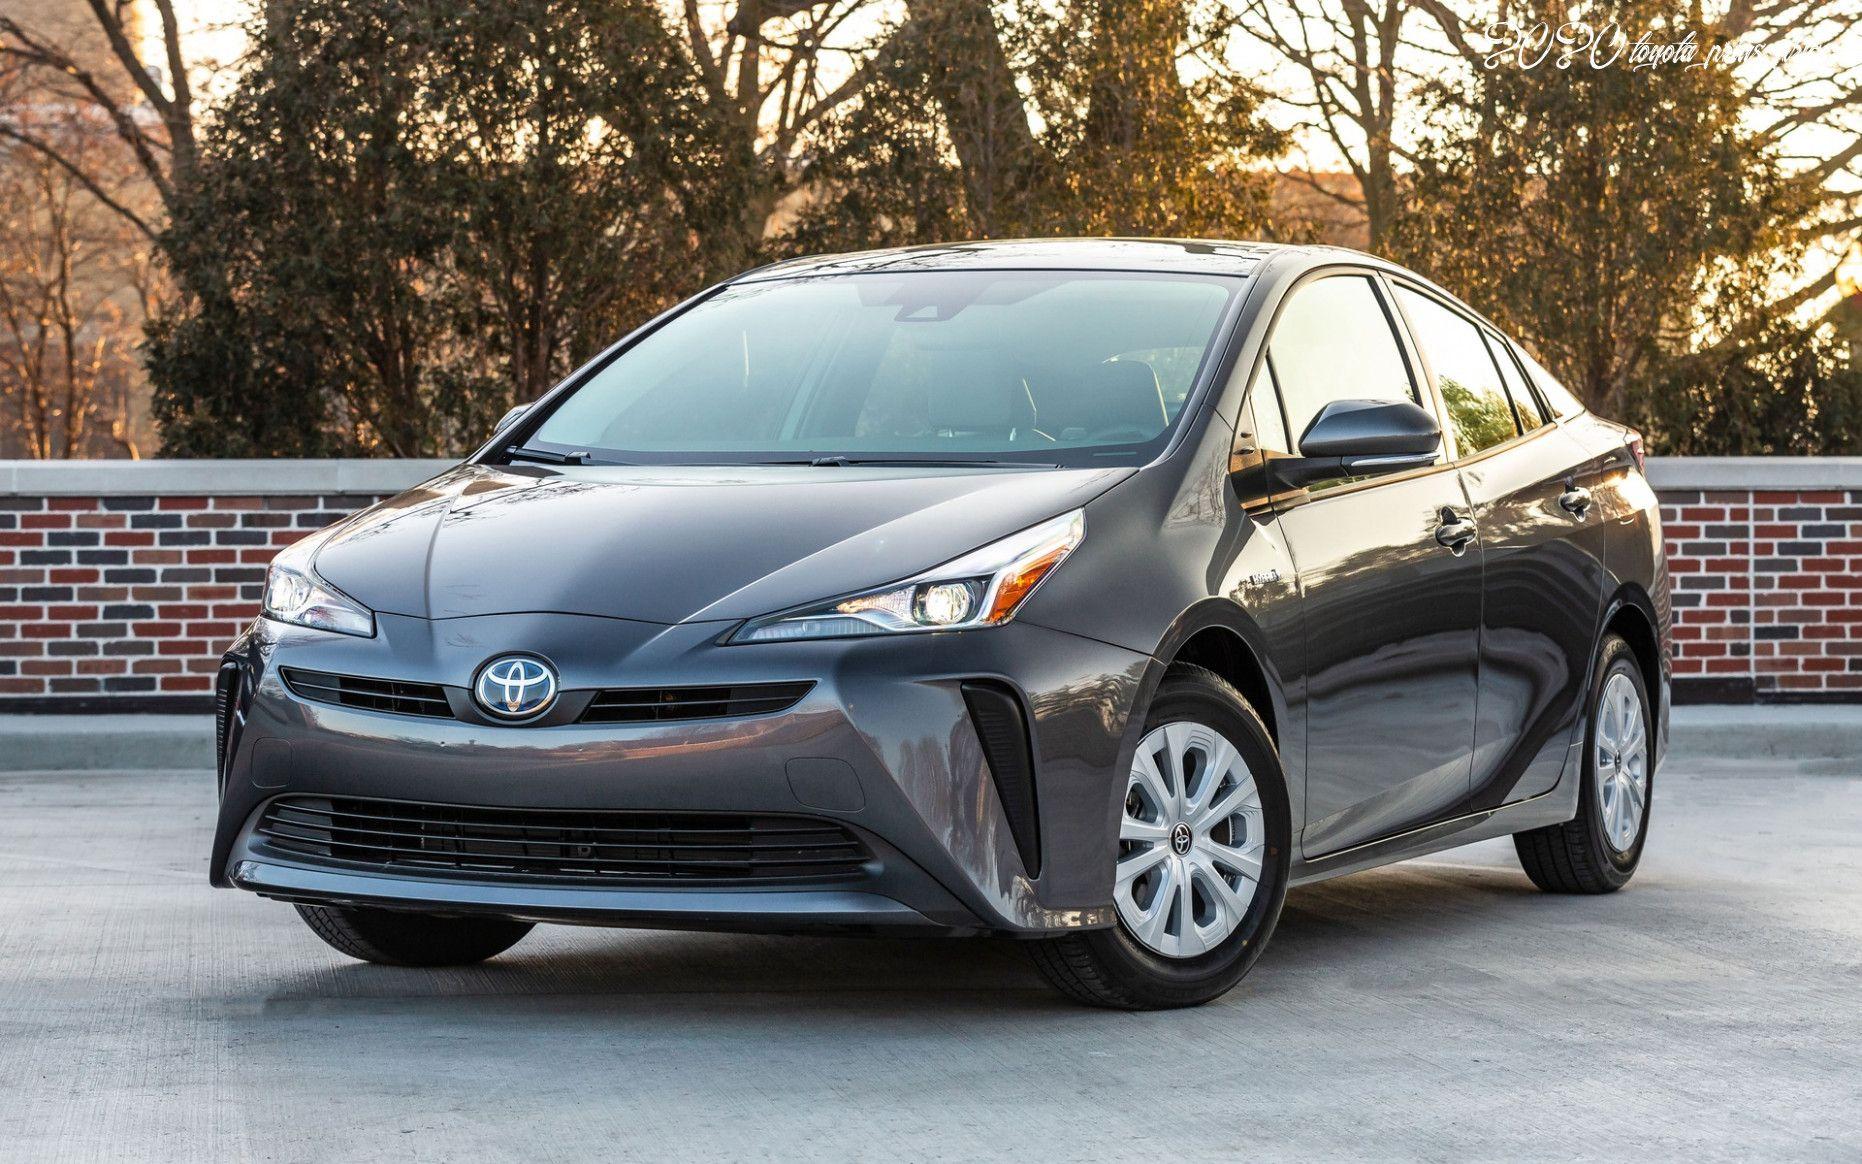 2020 Toyota Prius Price Interior In 2020 Toyota Prius Awd Cars Toyota Prius Hybrid